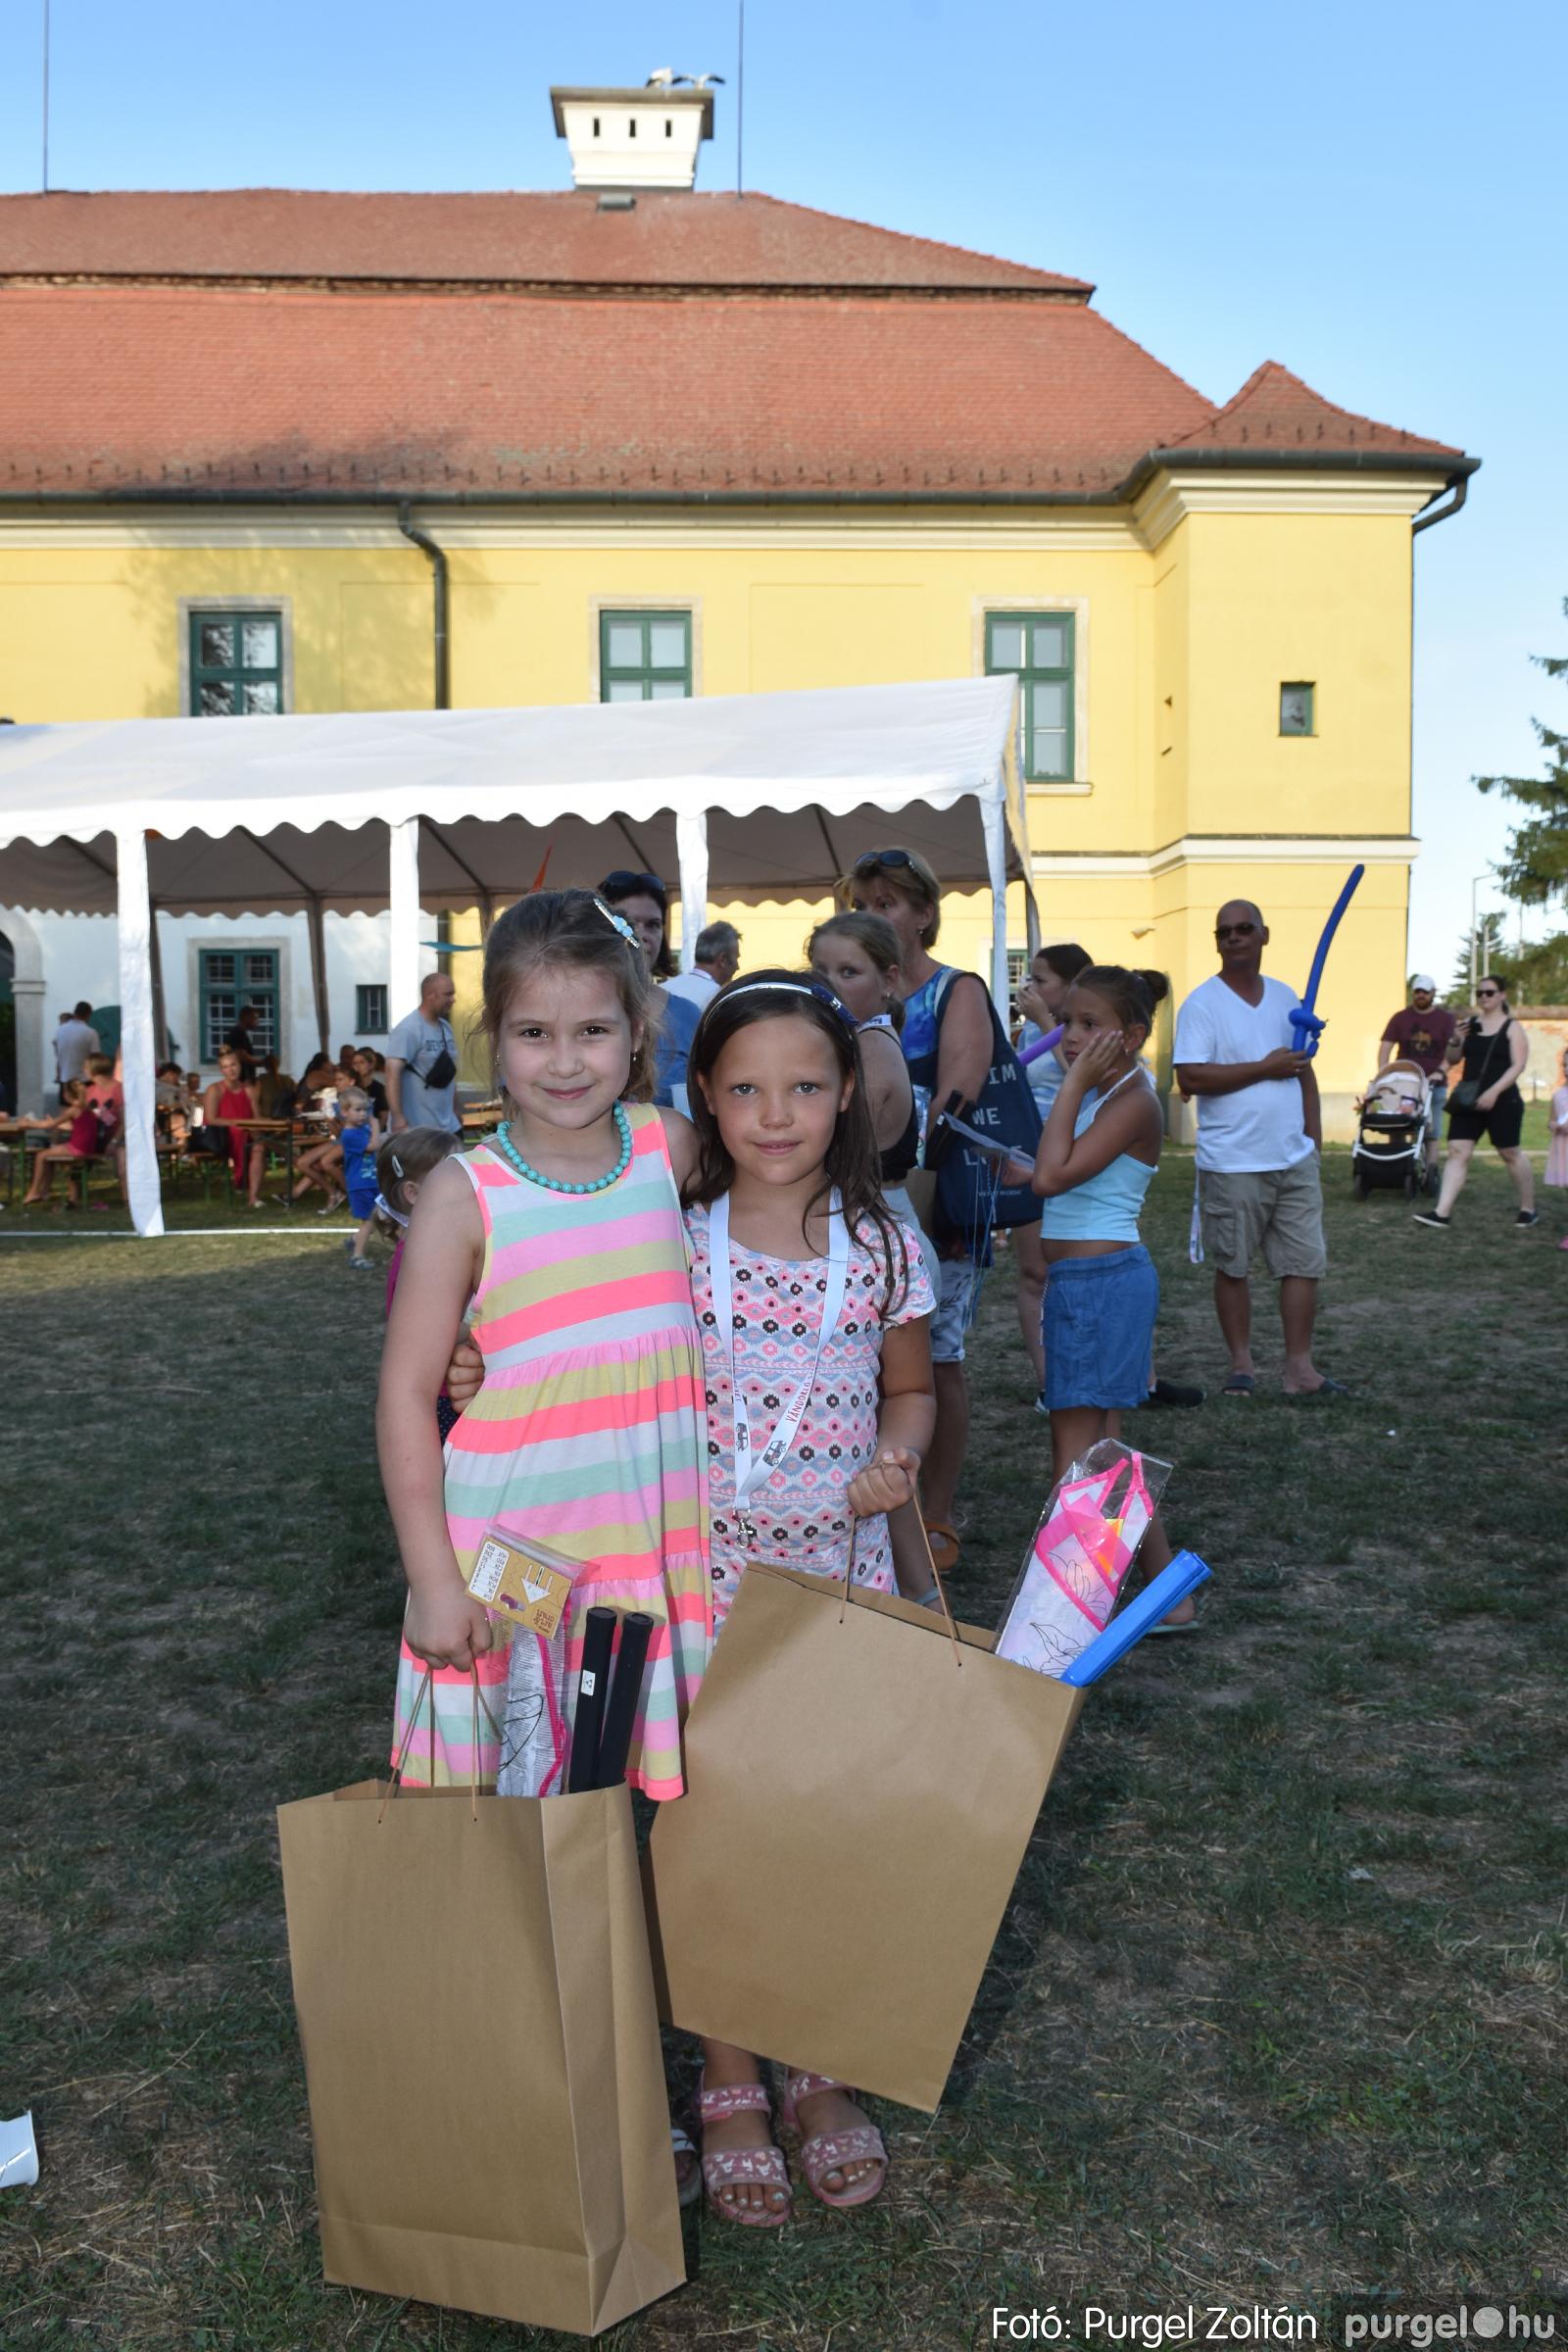 2021.07.31. 157 Családi nap Szegváron - Fotó:PURGEL ZOLTÁN© DSC_8538q.jpg